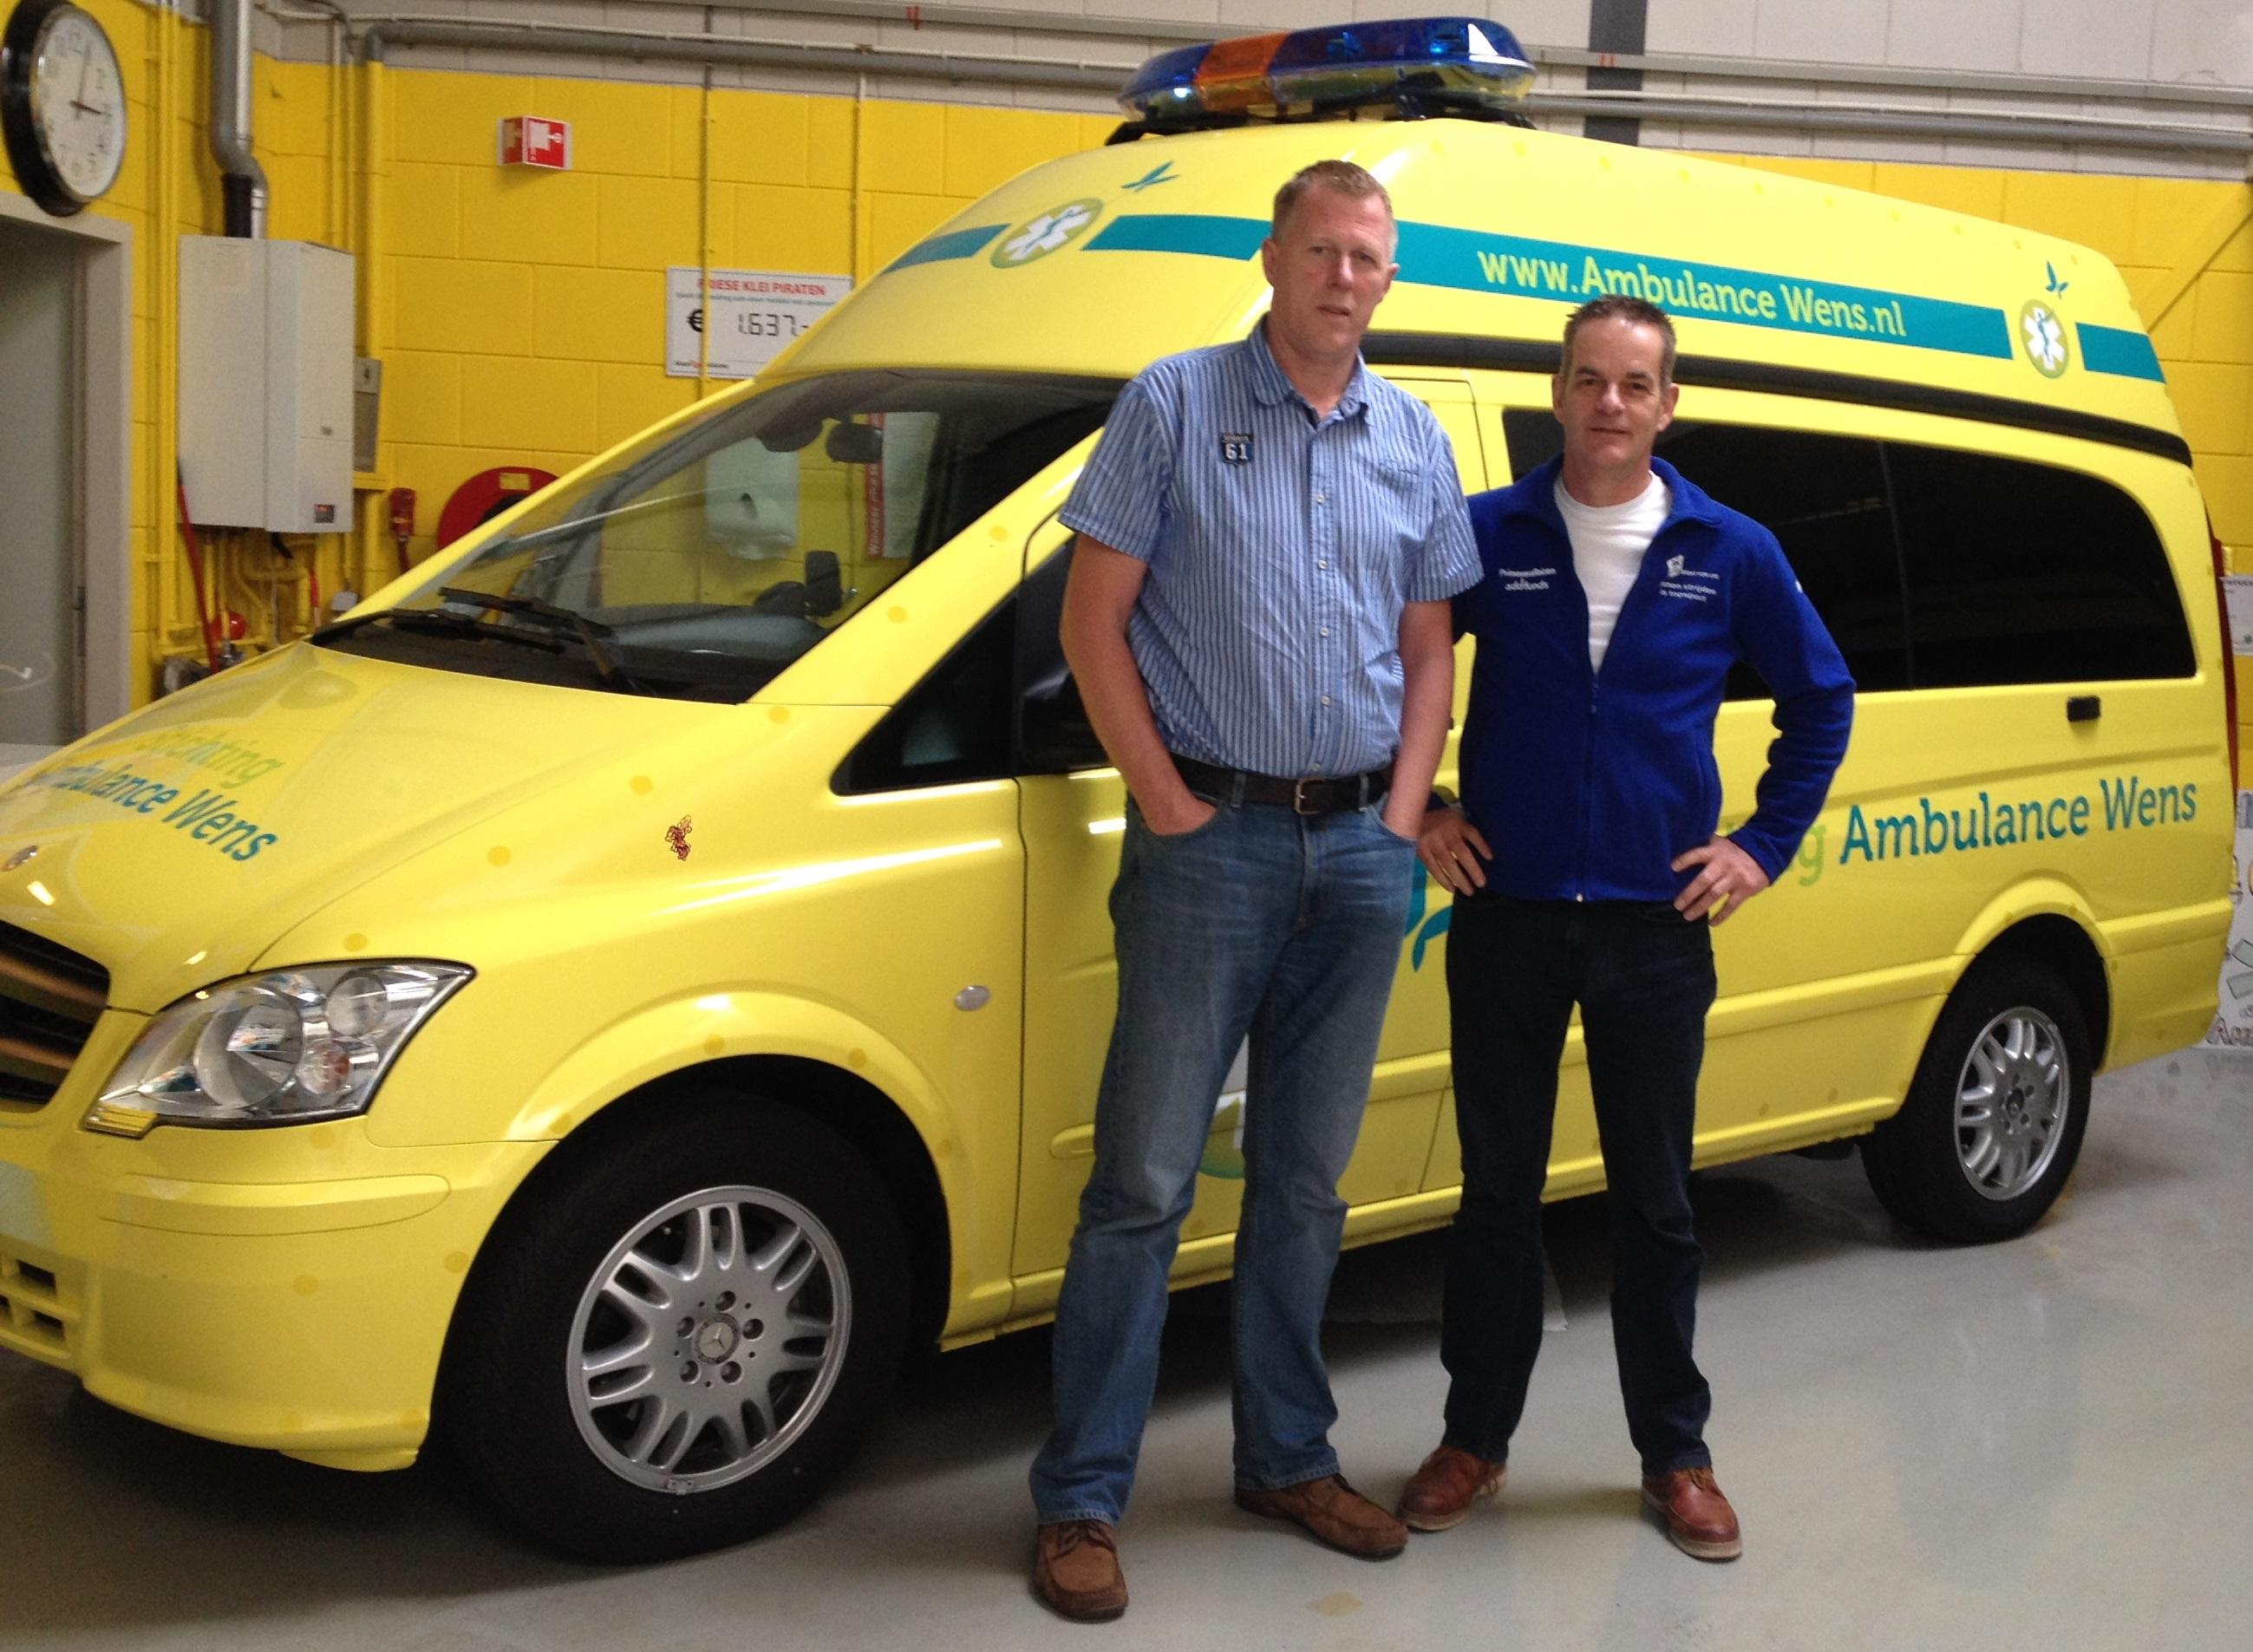 Beide voorzitters van Ambulancewens en Topsport for Life, Kees Veldboer en Miel in 't Zand, poseren bij de nieuwste ambulance.